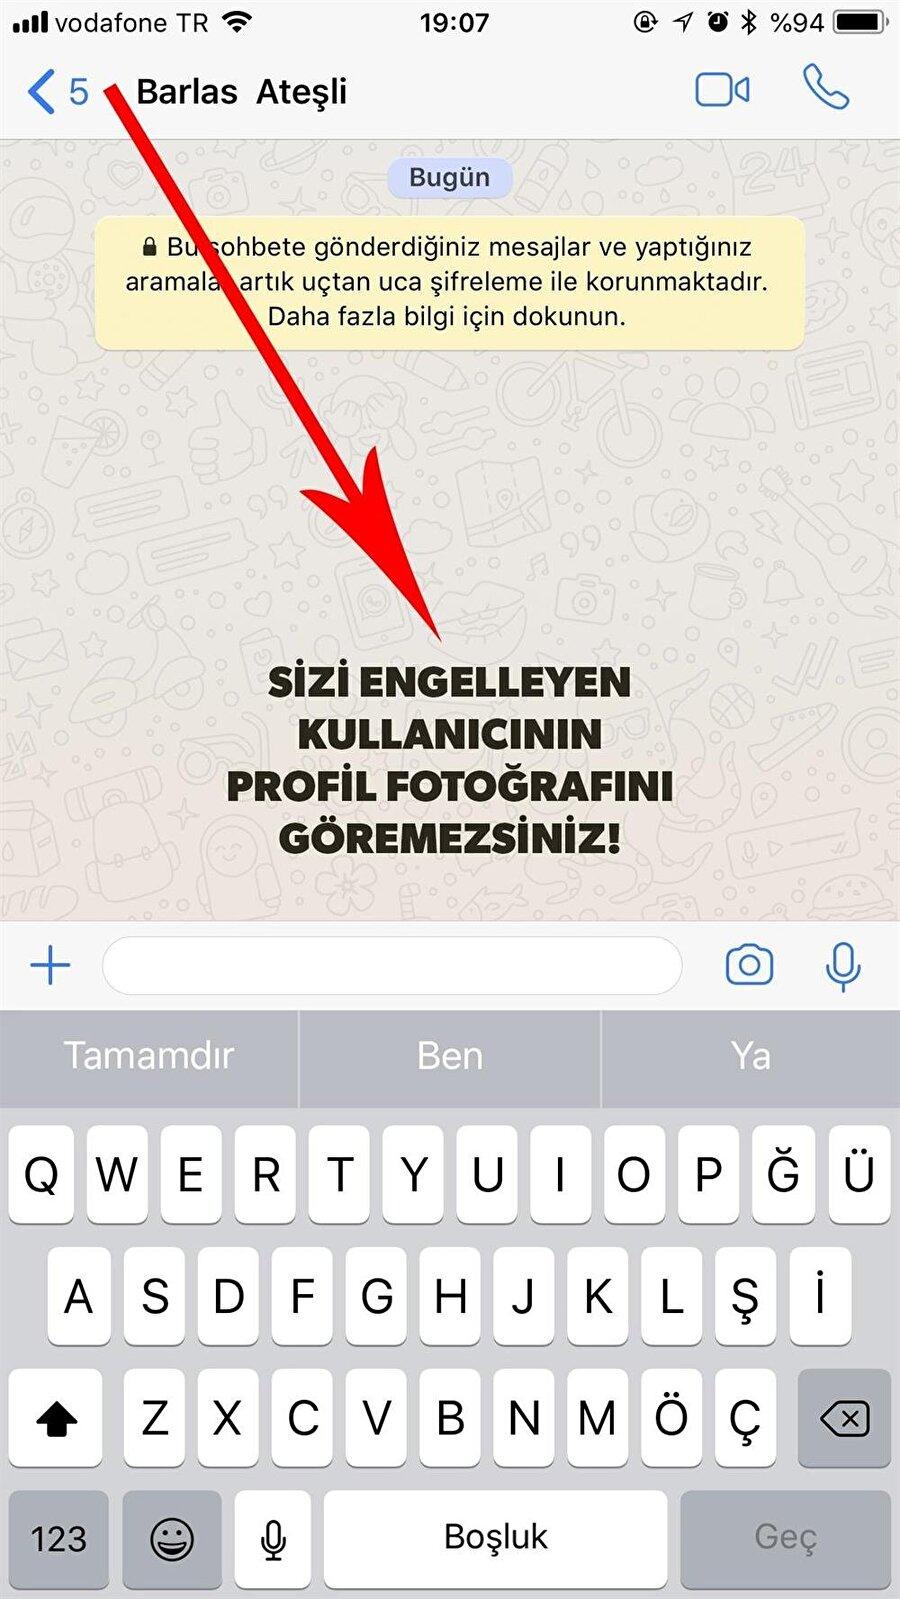 Bir WhatsApp kullanıcısı tarafından engellendiğinizde onun profil fotoğrafını görme ihtimaliniz bulunmuyor.